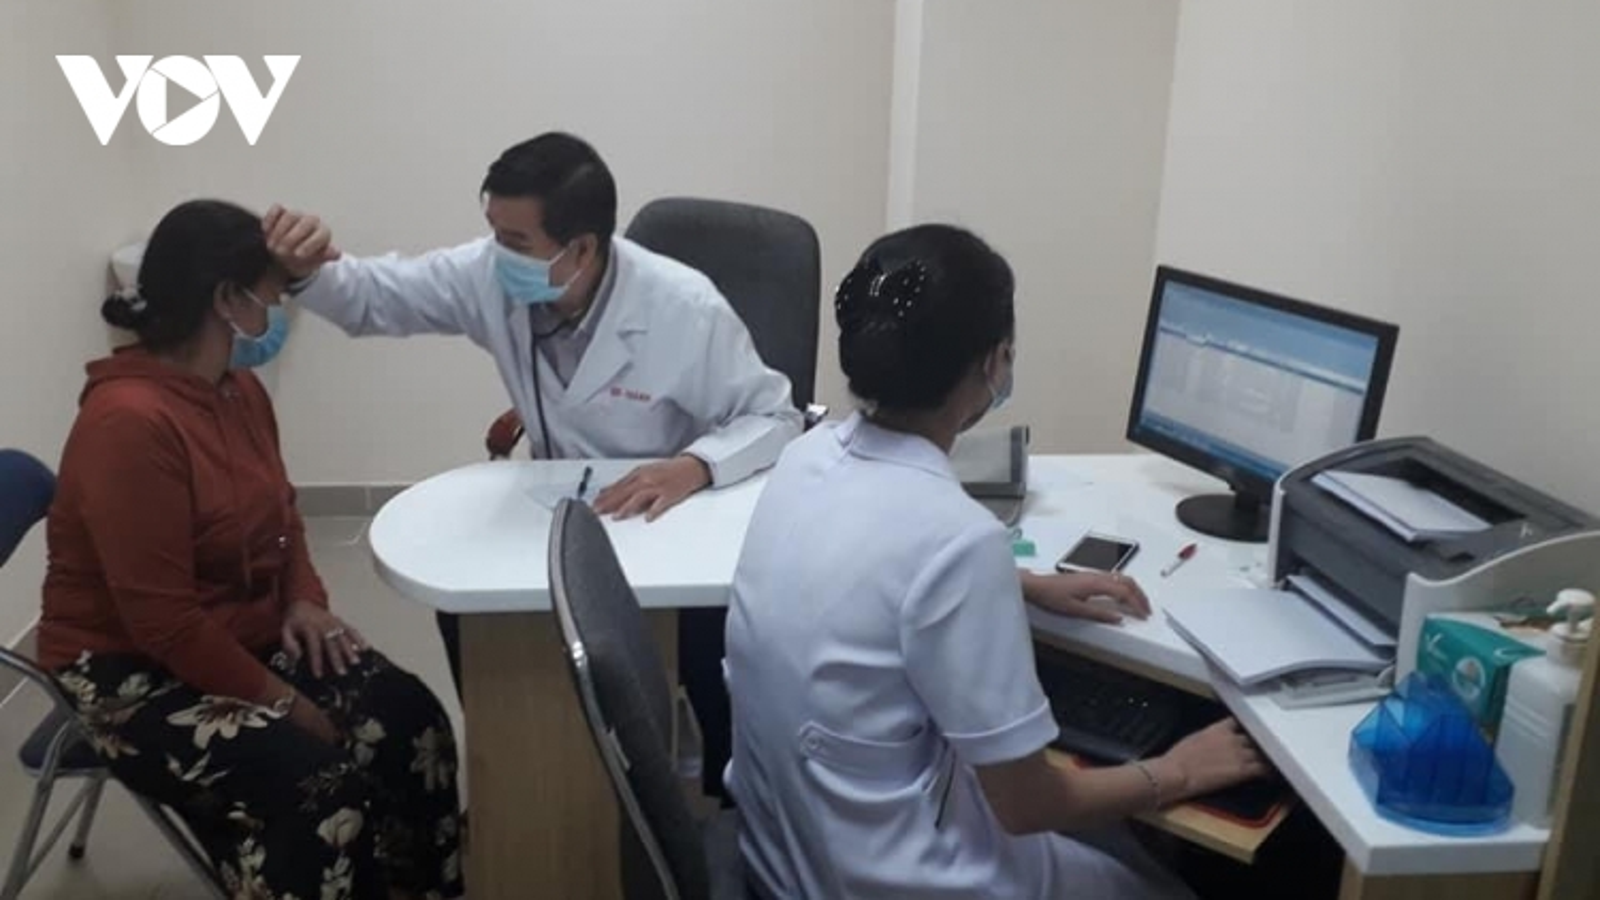 34 trạm y tế tại TP HCM ký hợp đồng khám, chữa bệnh BHYT trở lại